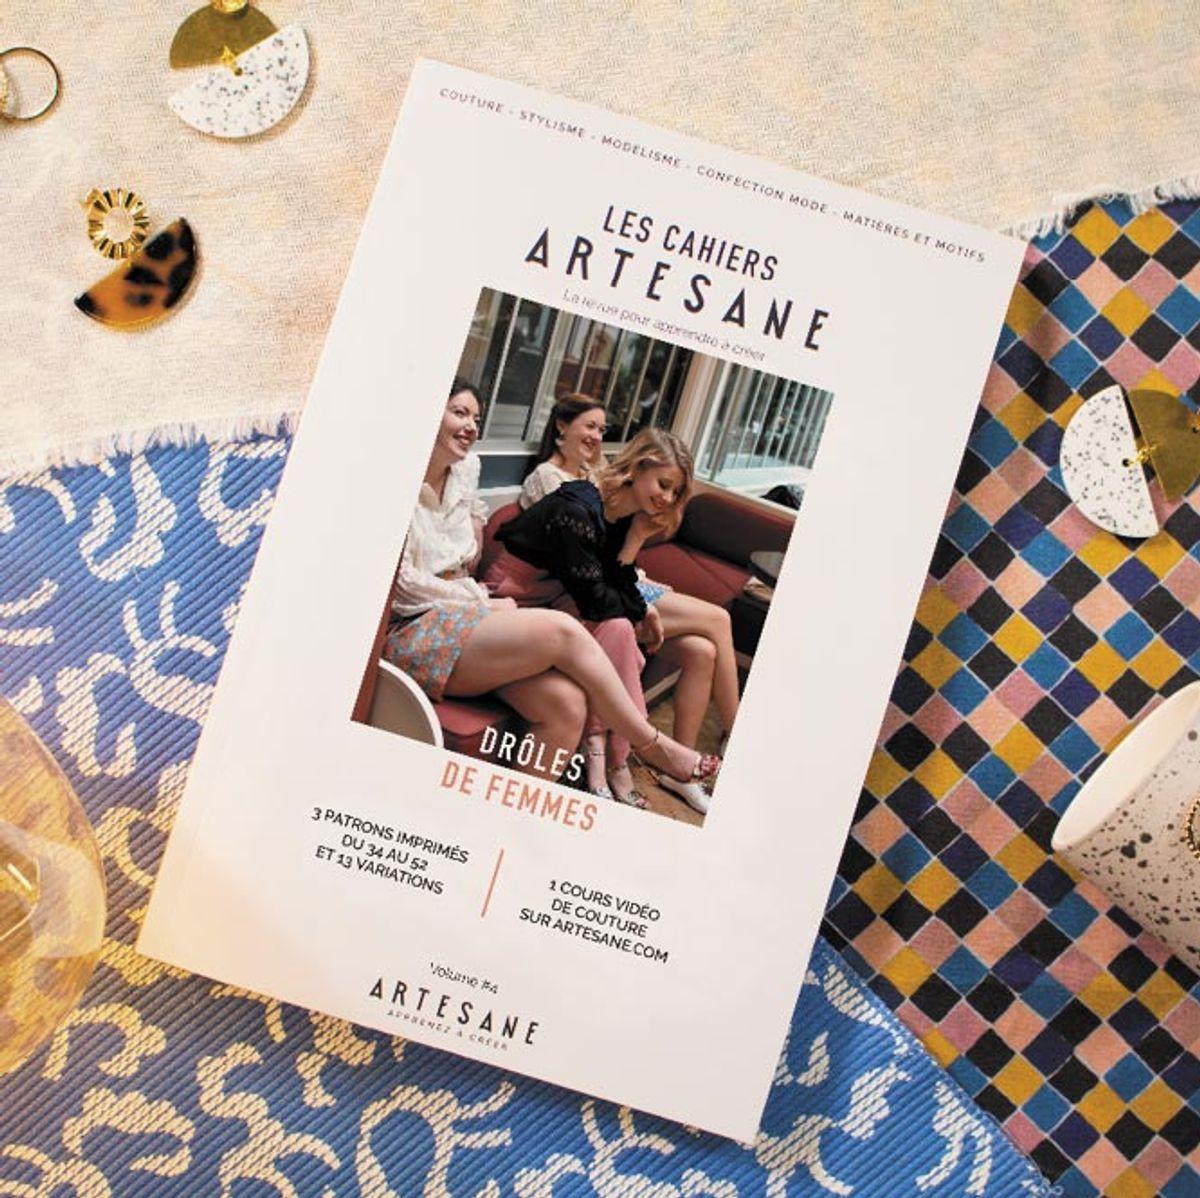 Les cahiers Artesane n° 4 - Drôles de femmes